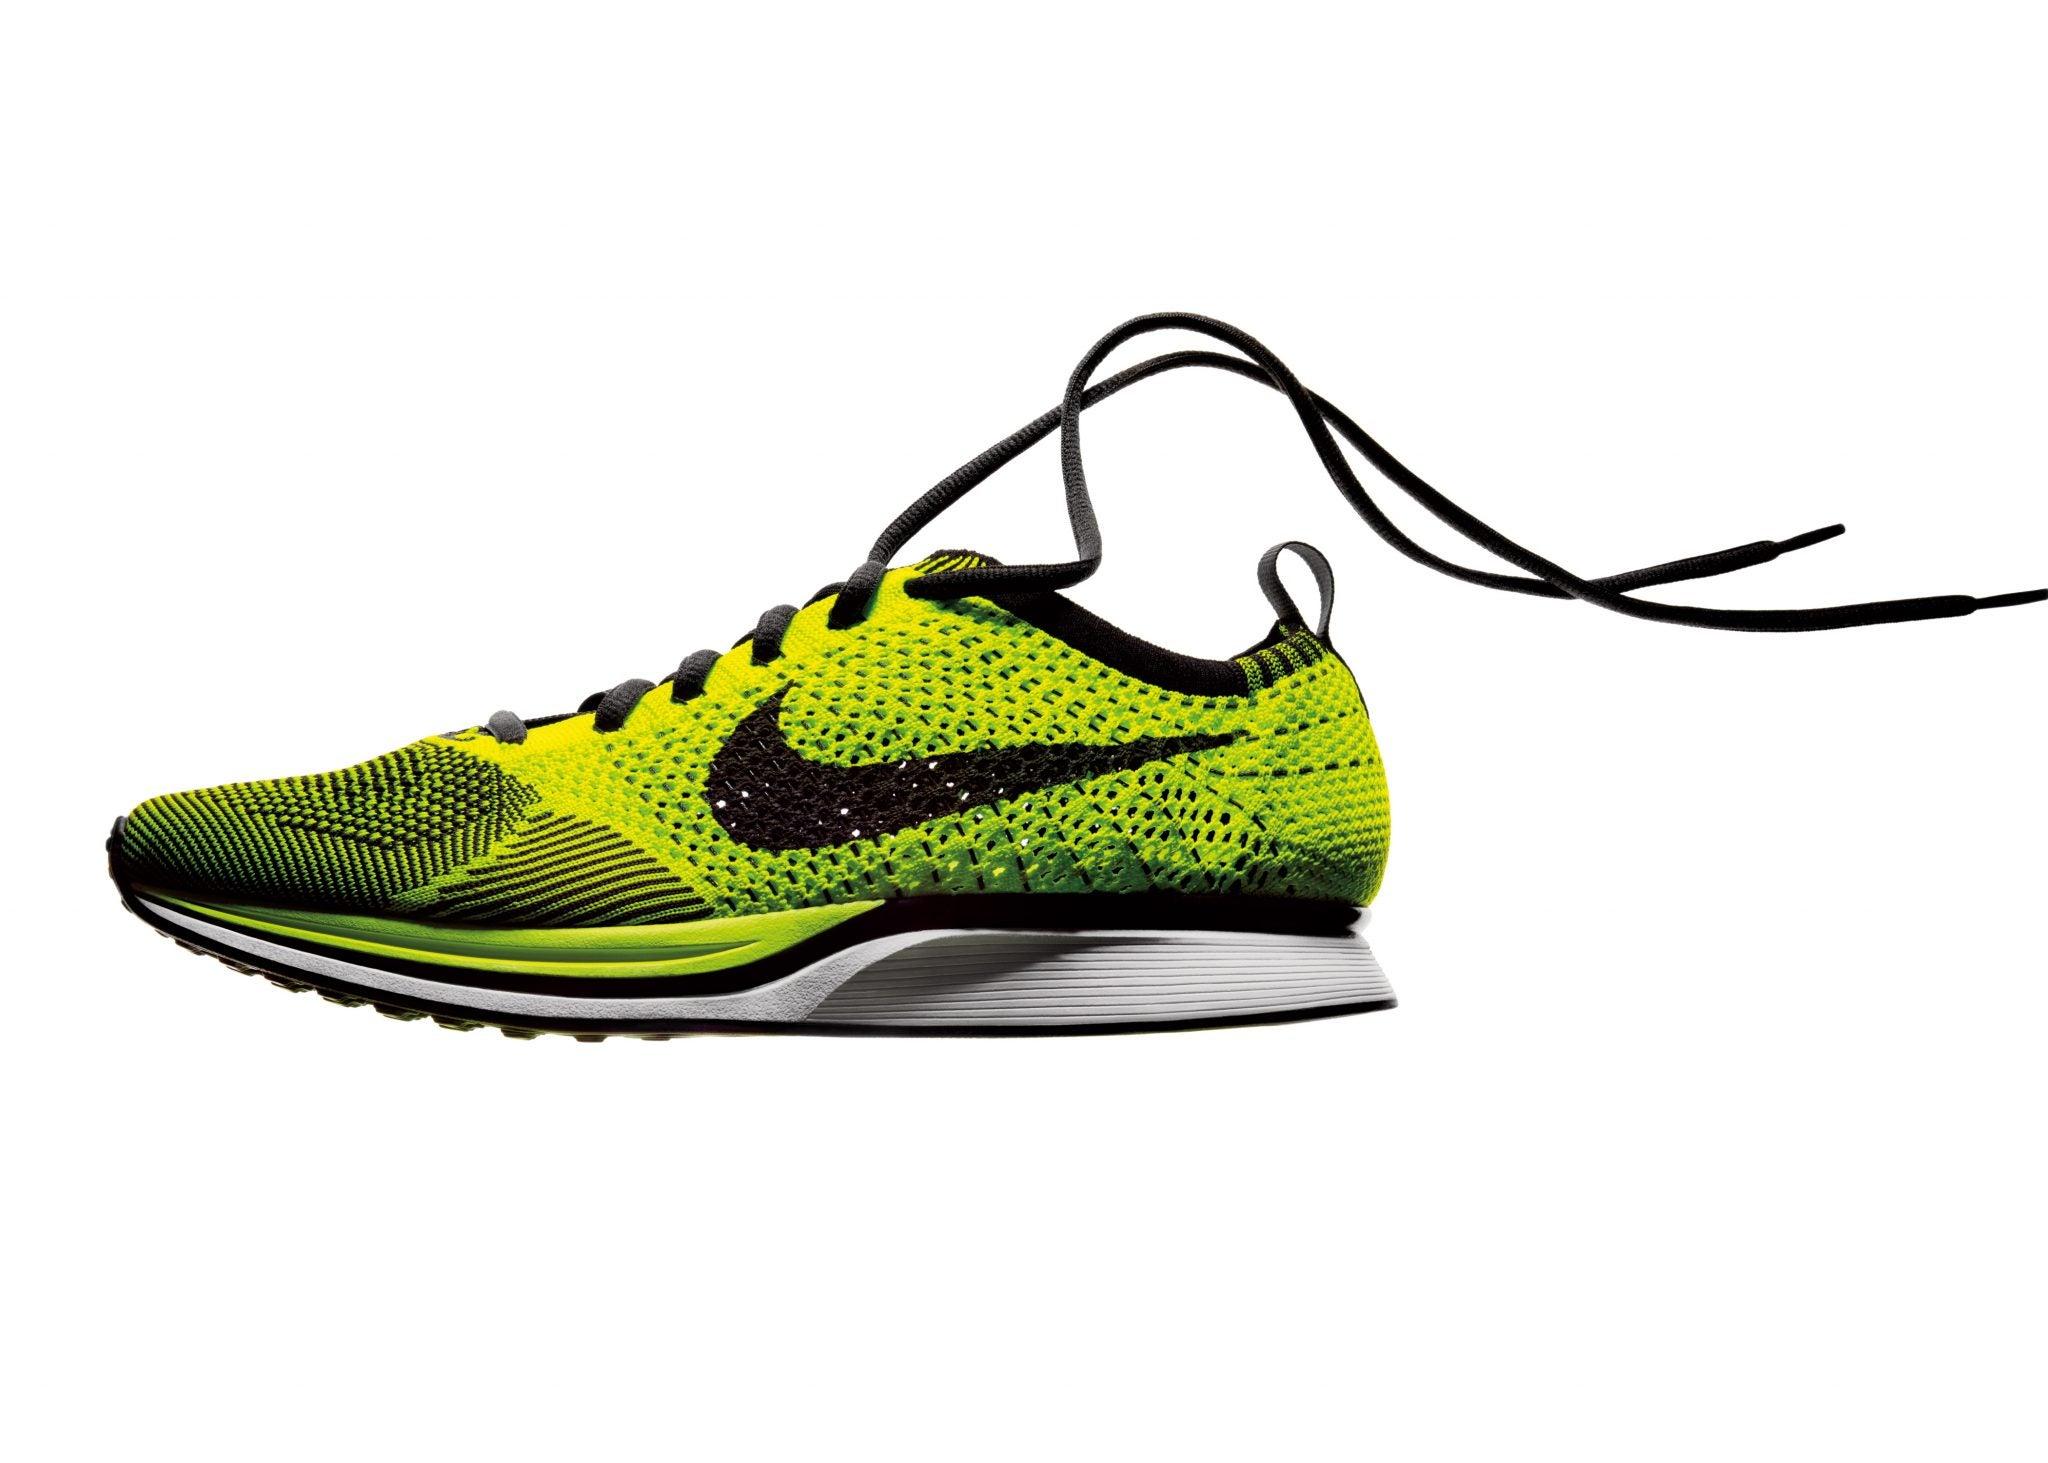 Nike-Running-Innovation-SU12-Knit-4_original